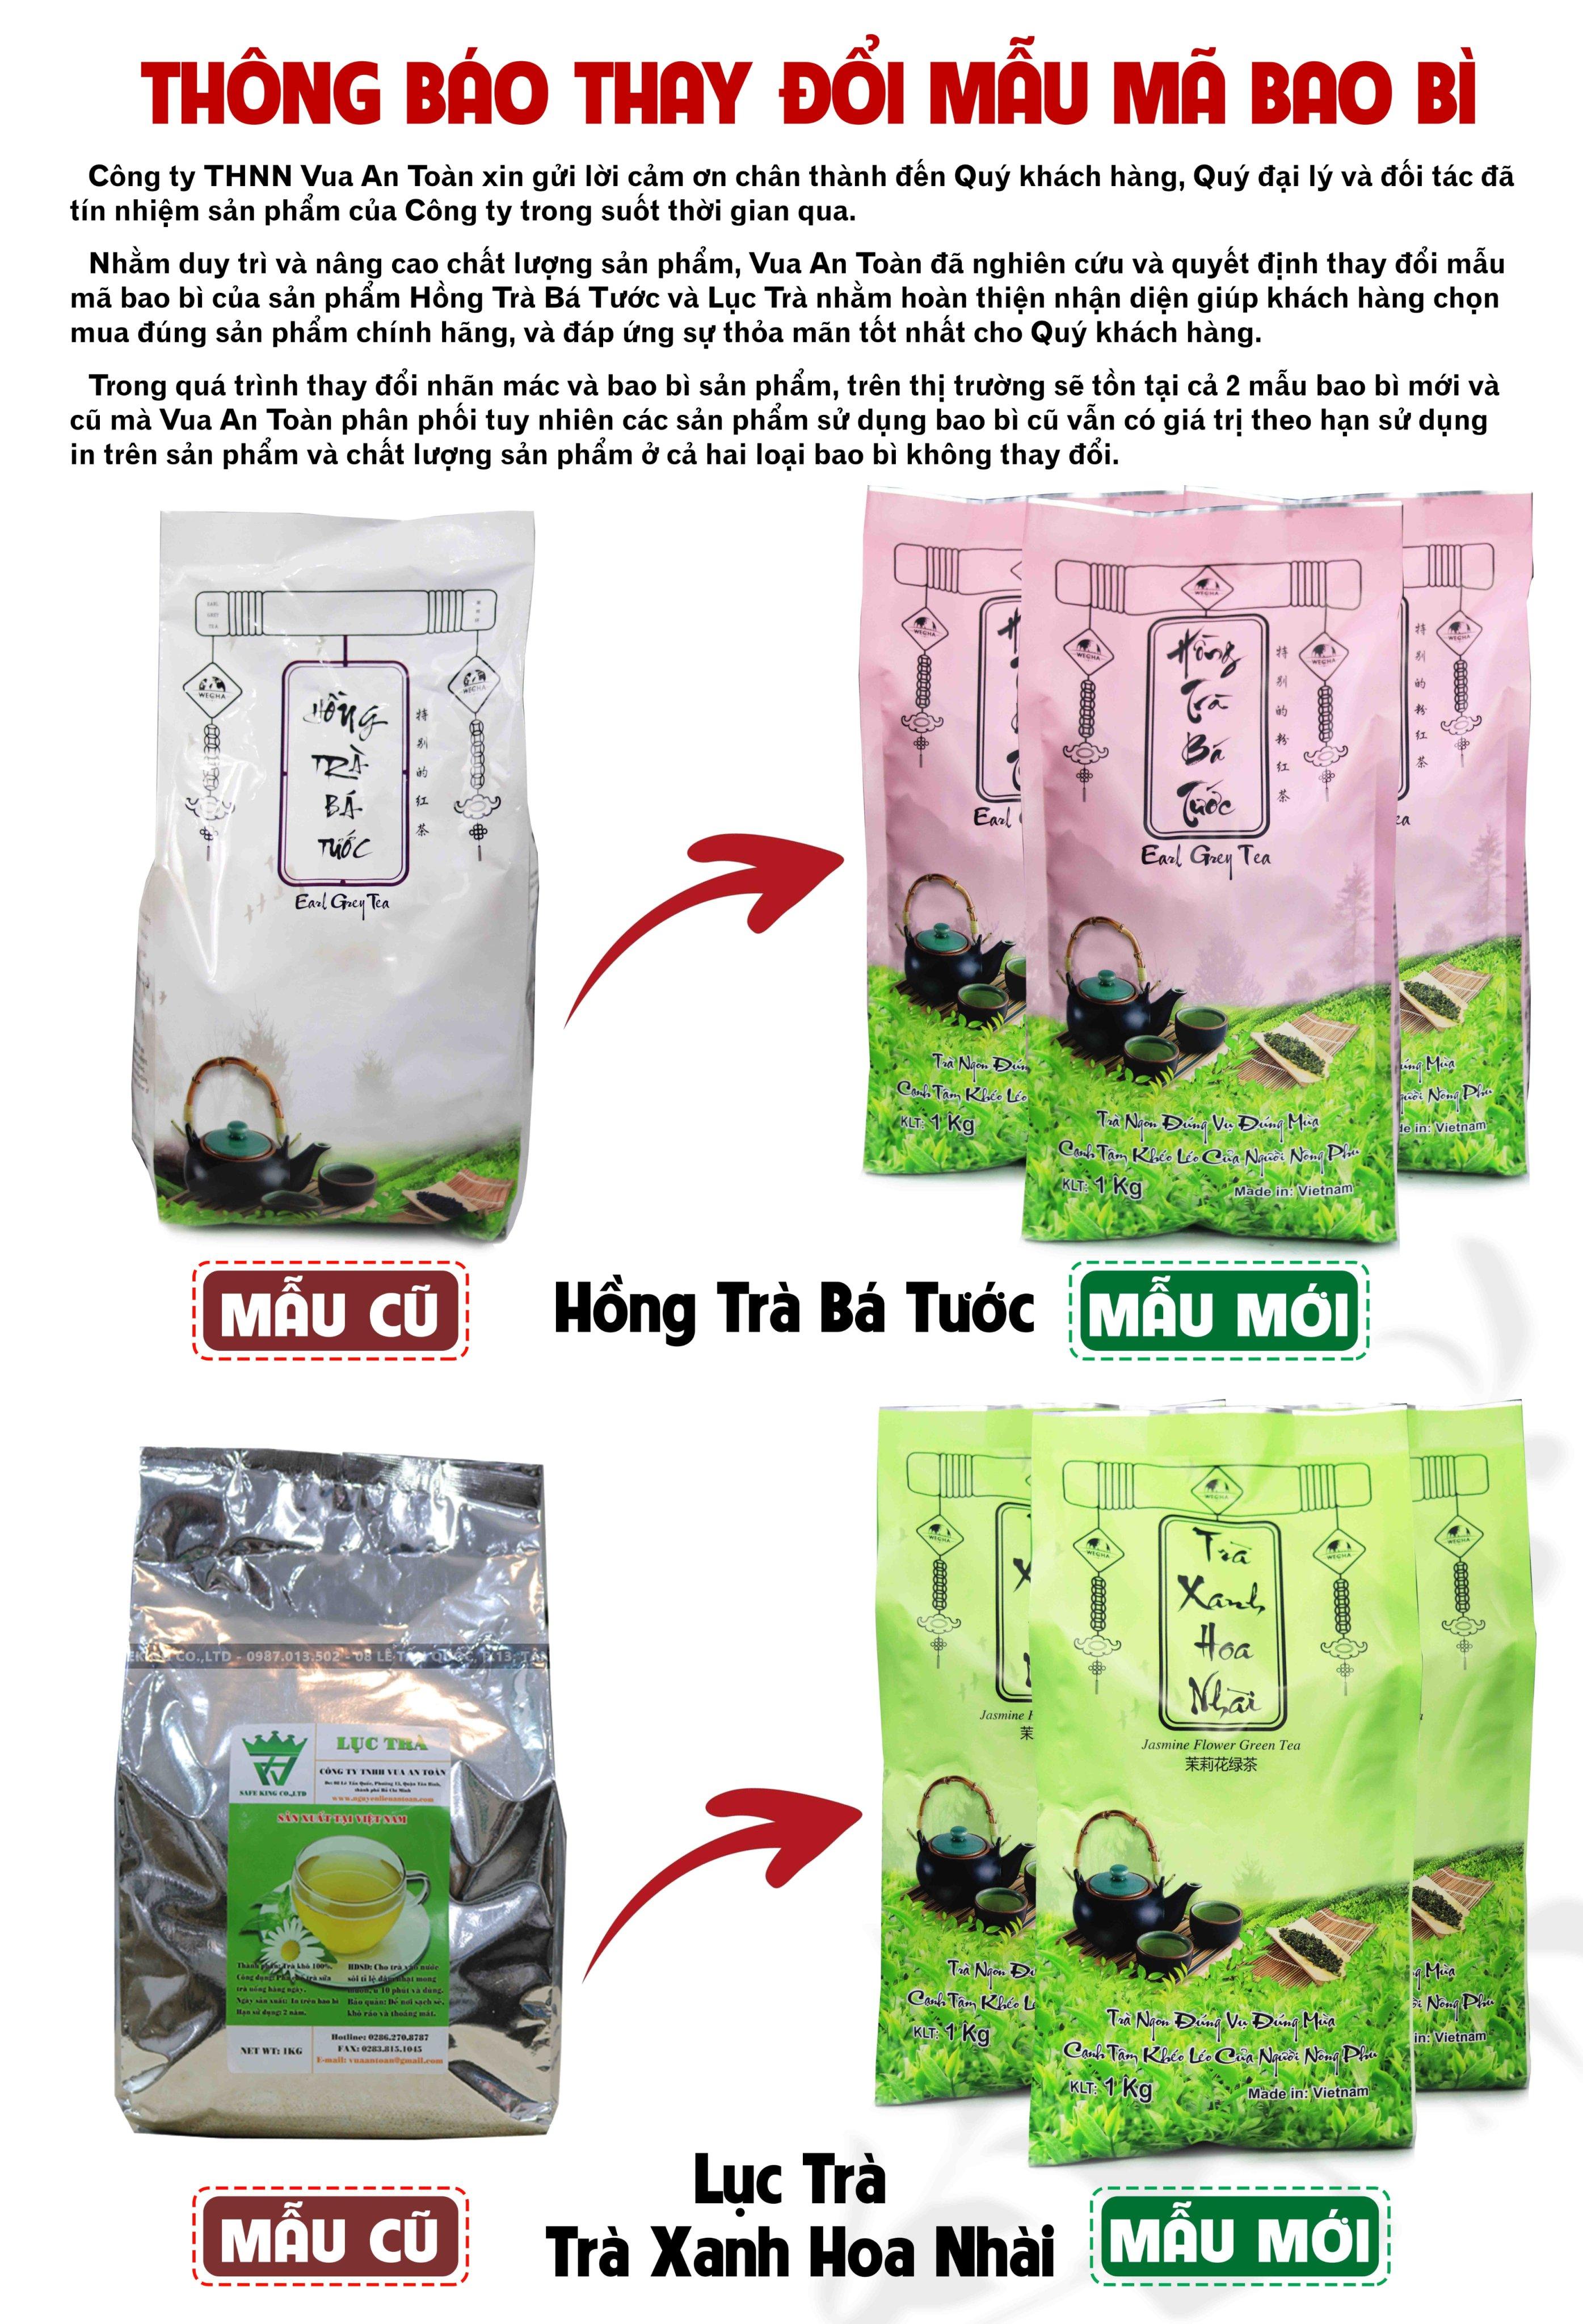 Lục trà Hoa Nhài